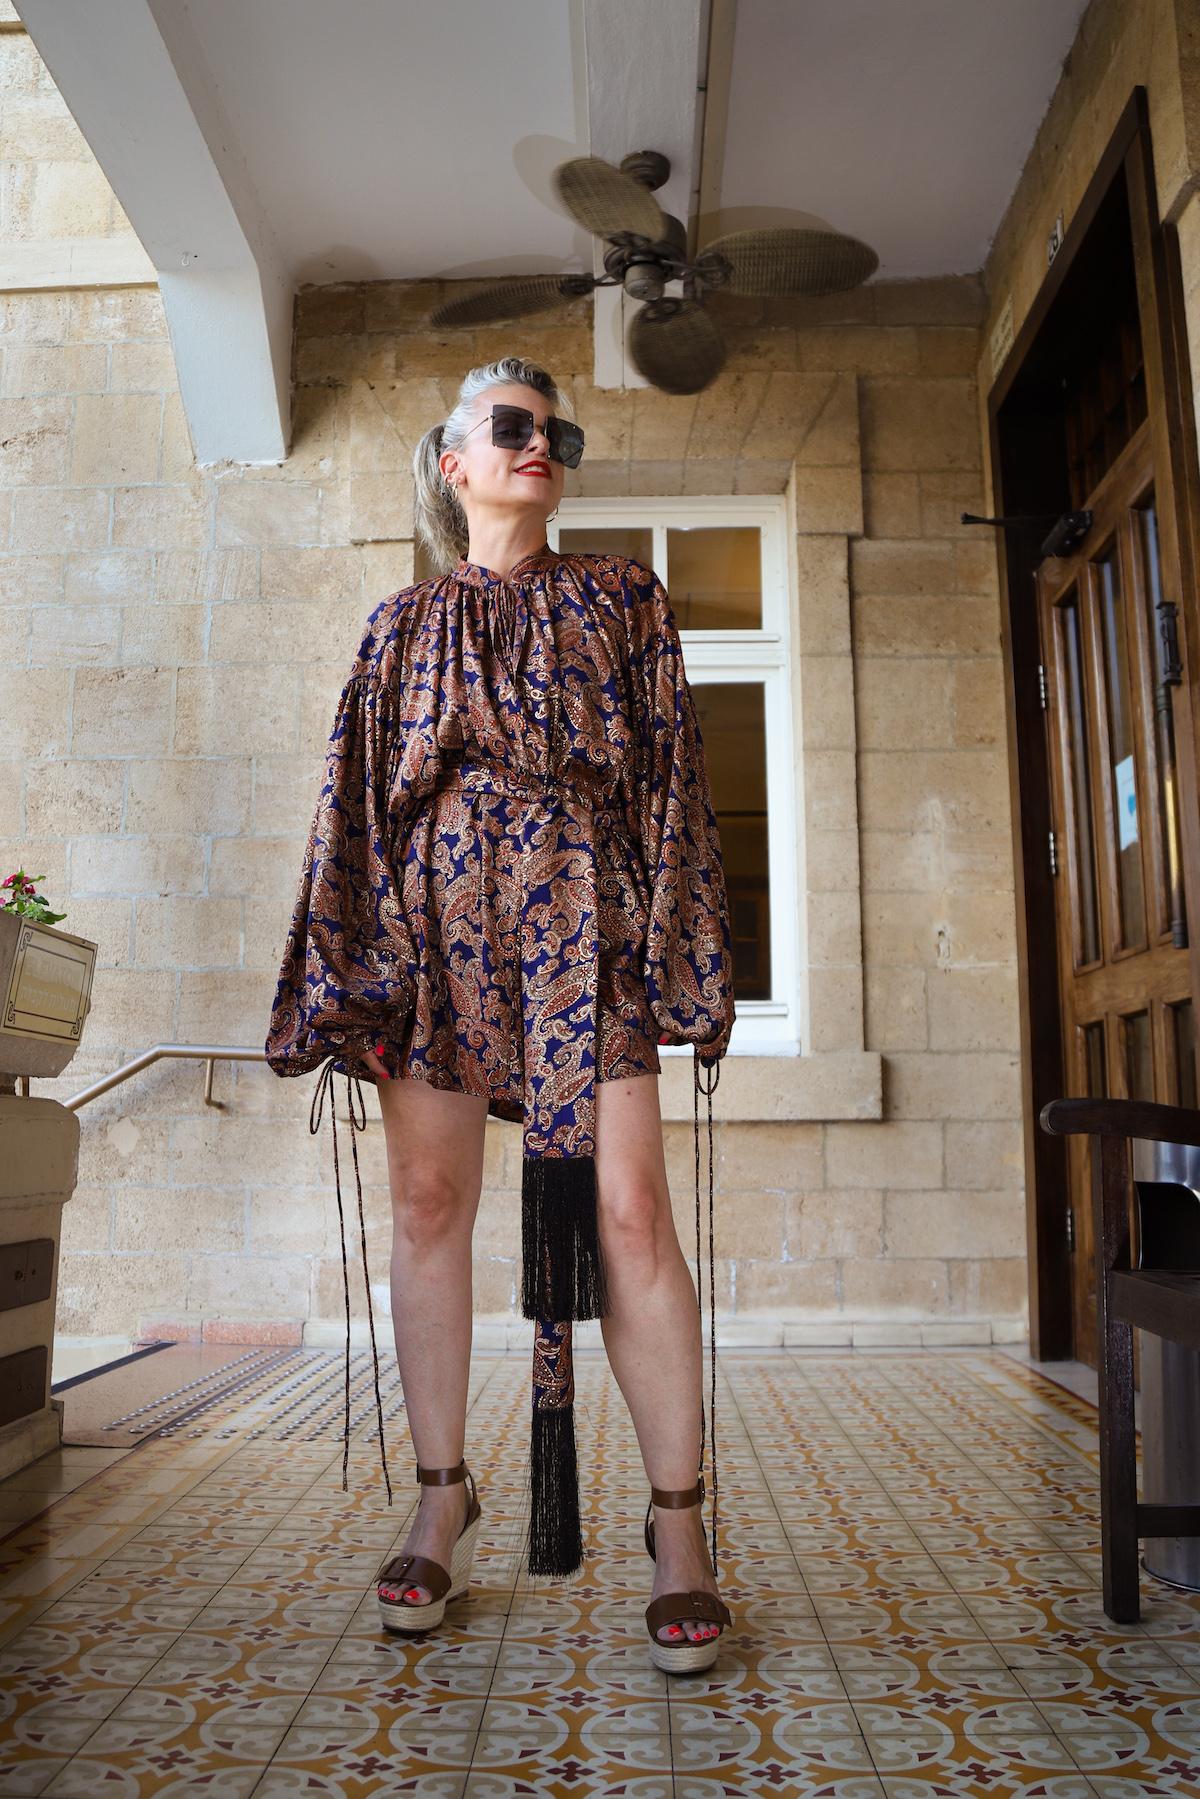 שירי ויצנר חיפאית לובשת אריאל טולדנו שמלת סולטנה עגילים רובי סטאר אתר מארק אופנה ישראלית12